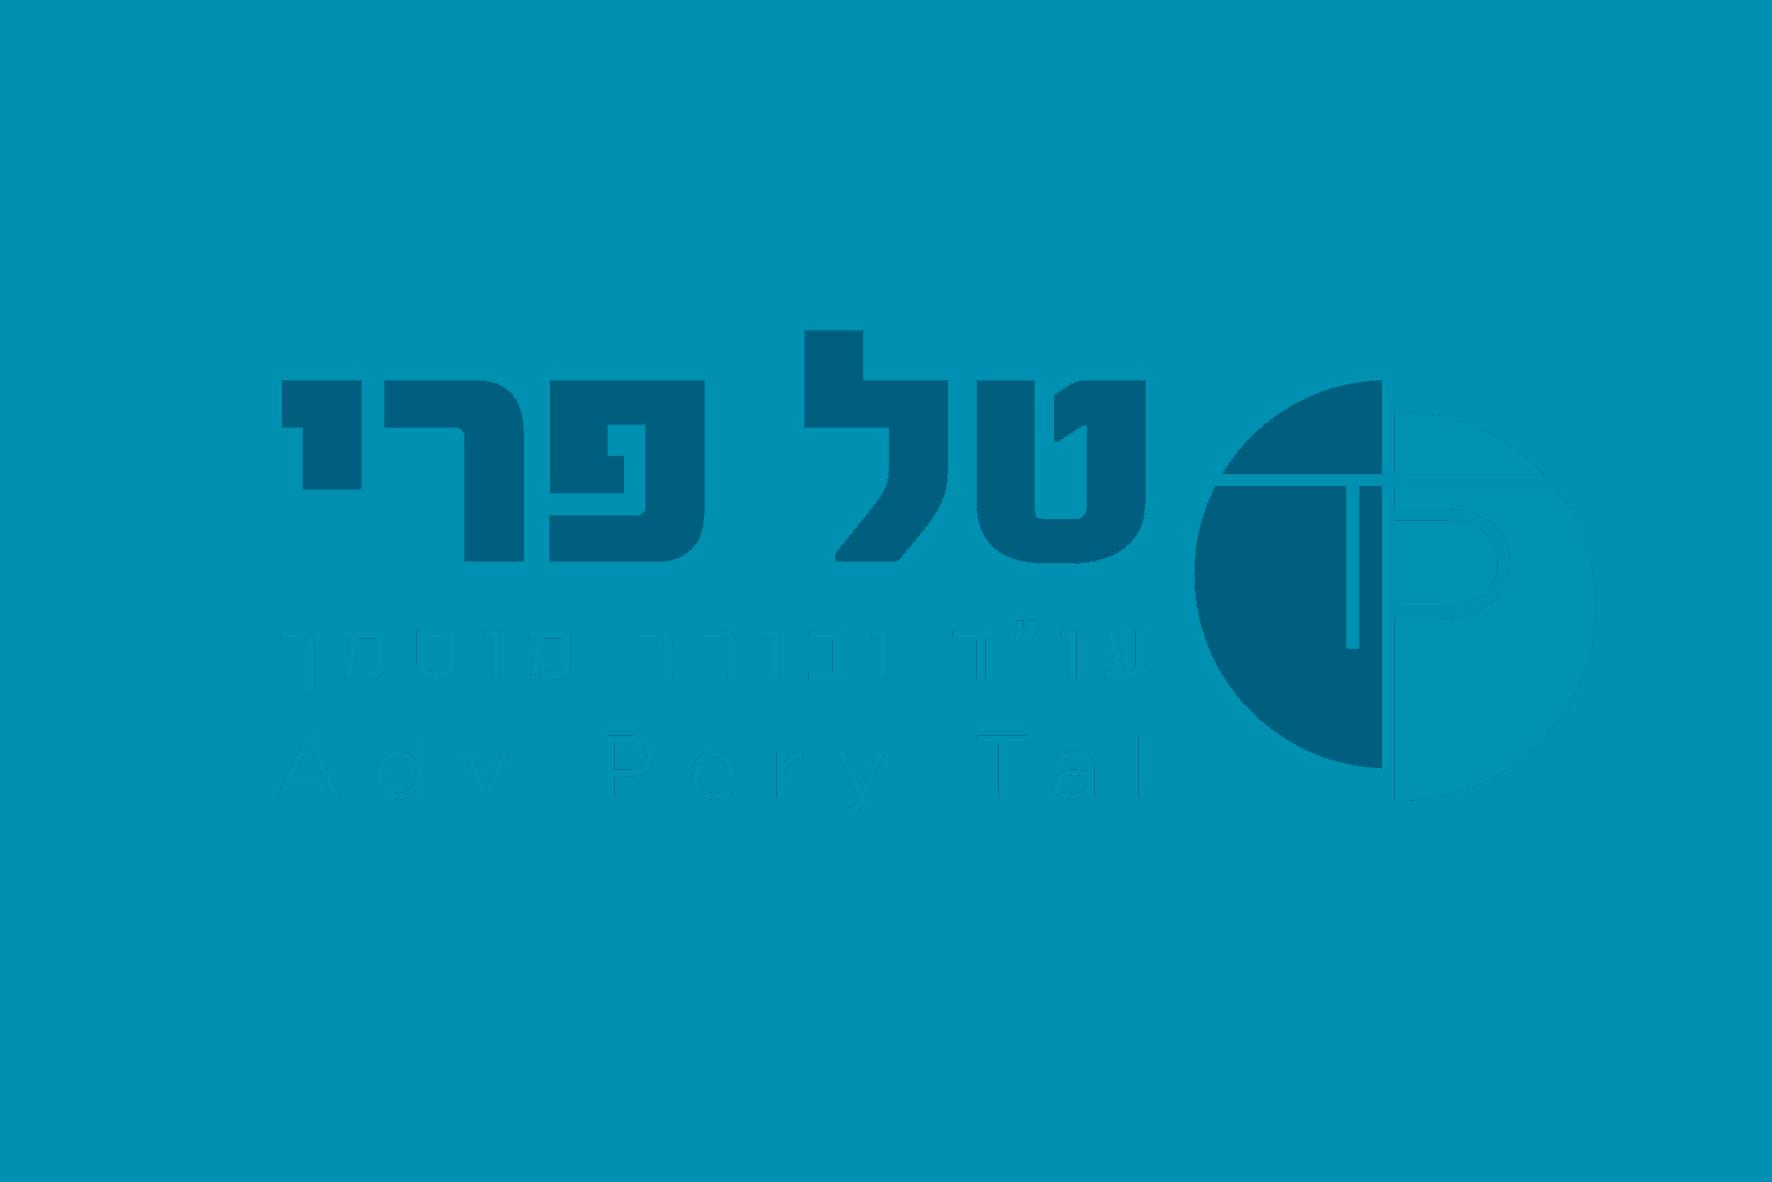 לוגו 1 טל פרי 2019